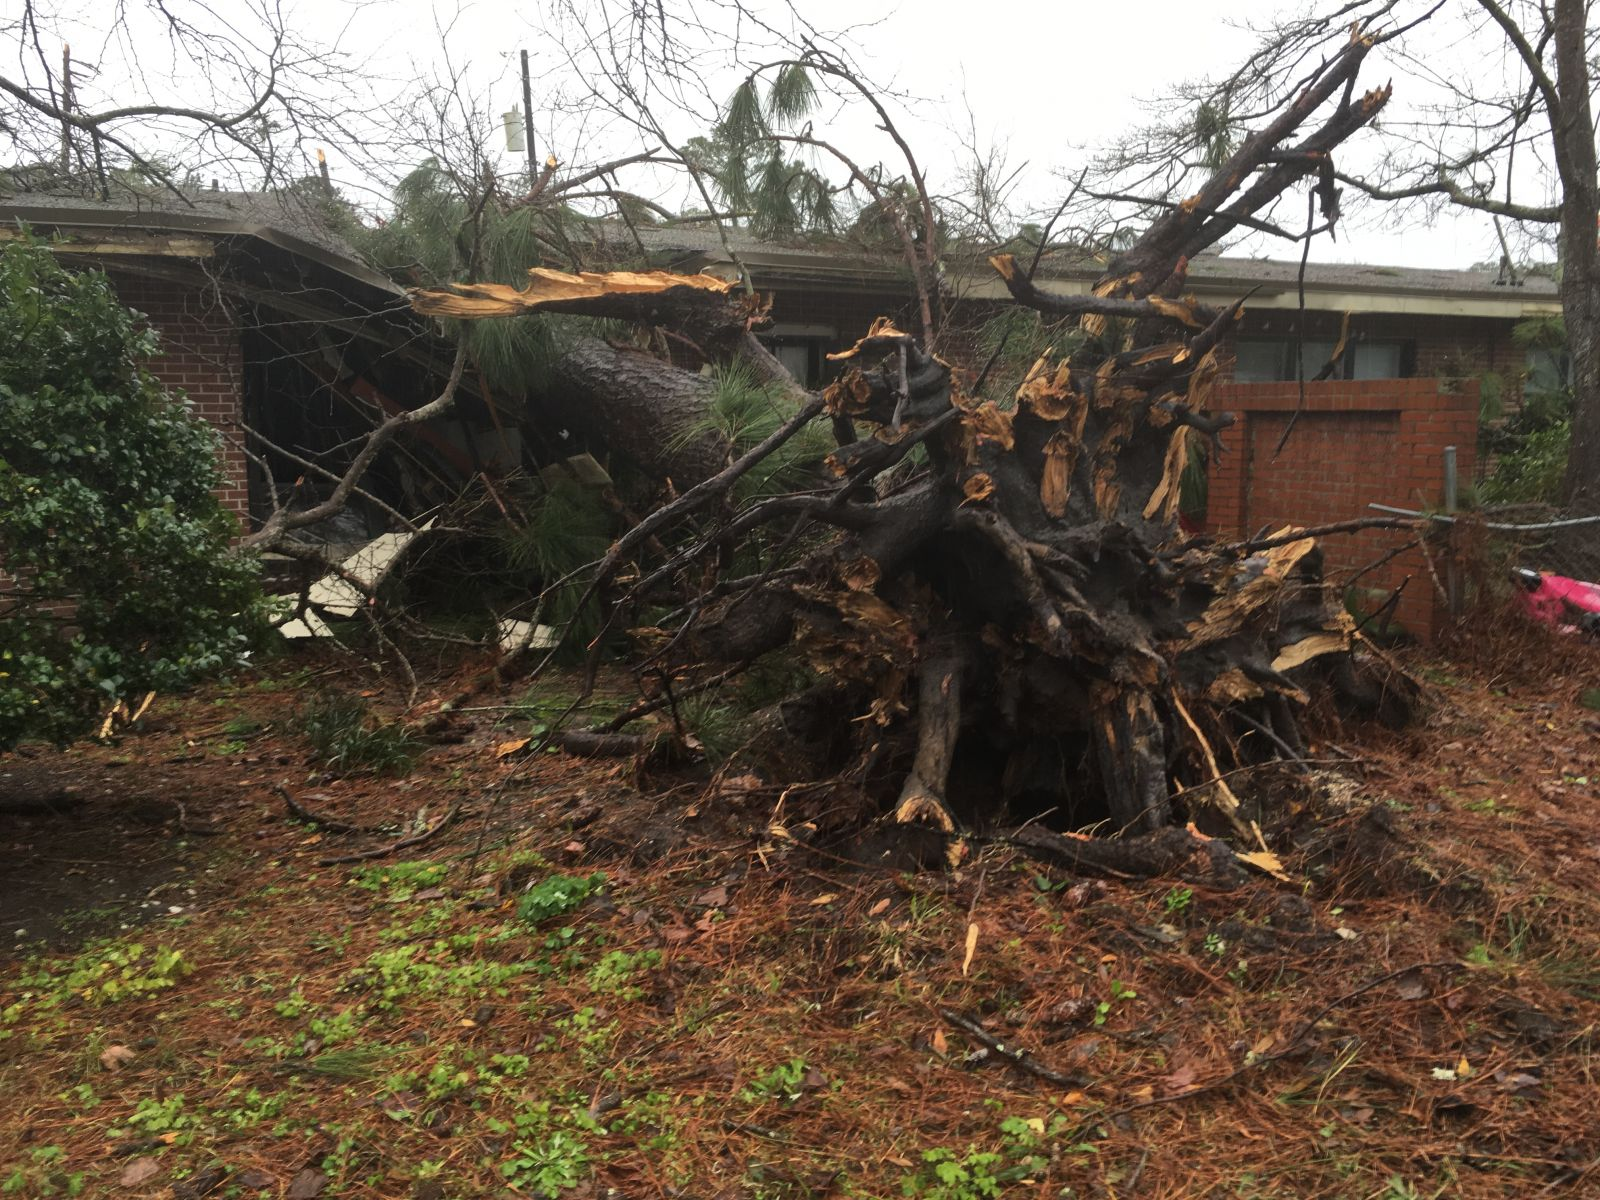 Fort Stewart, GA EF-1 Tornado - February 3, 2016